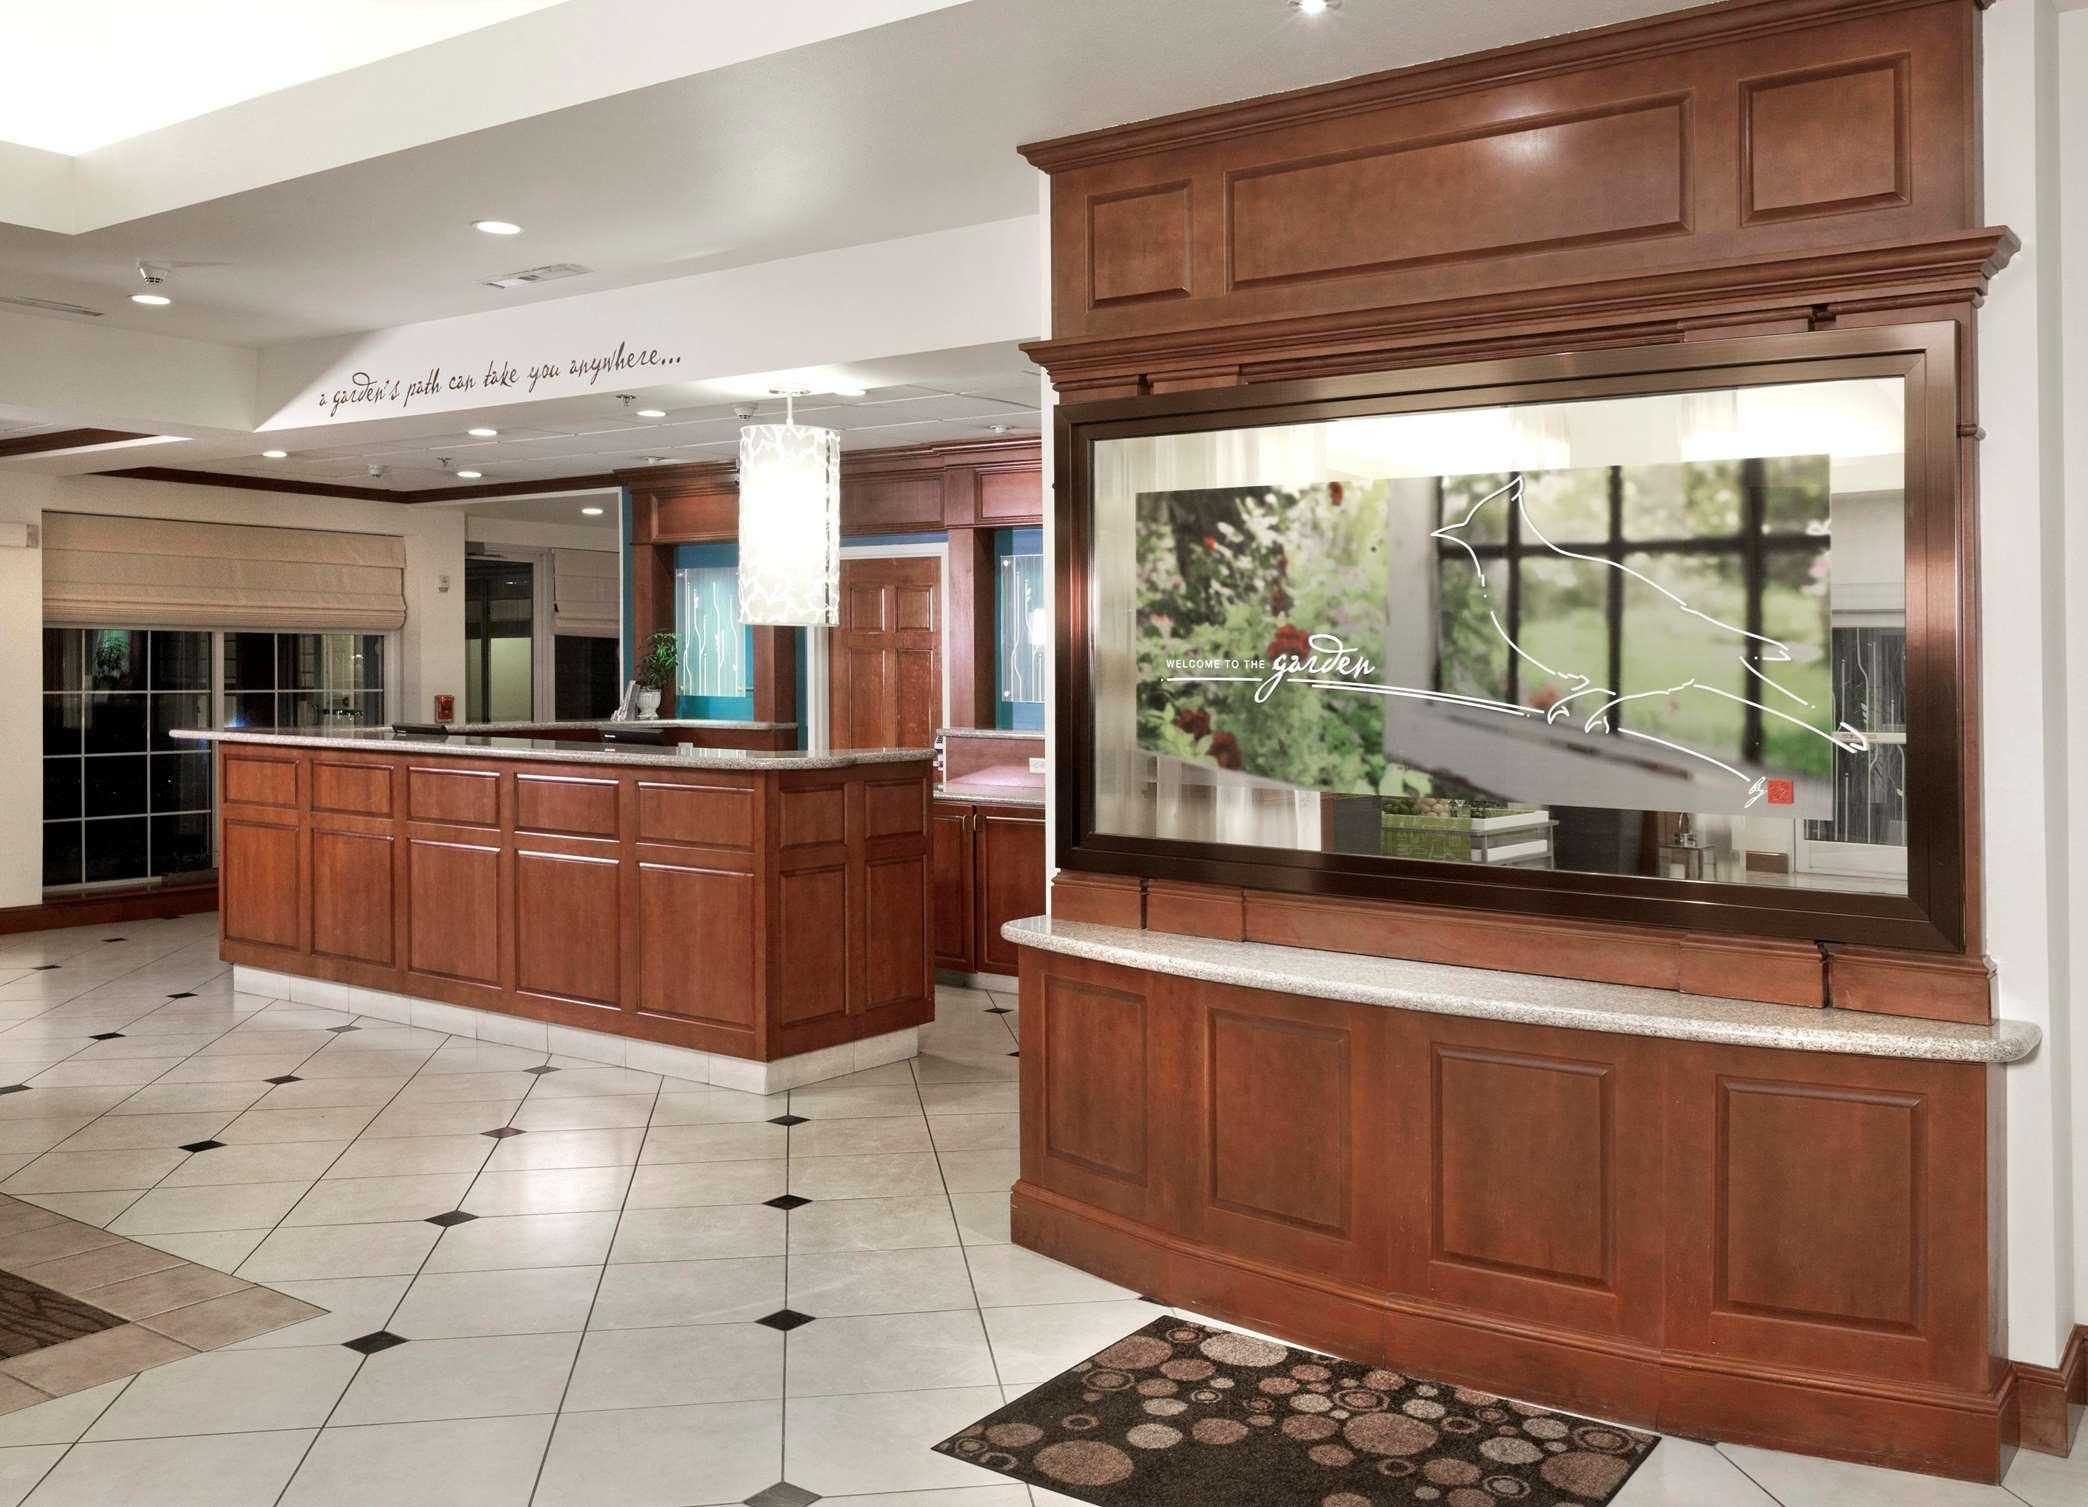 Hilton Garden Inn Ontario/Rancho Cucamonga 11481 Mission Vista Drive ...